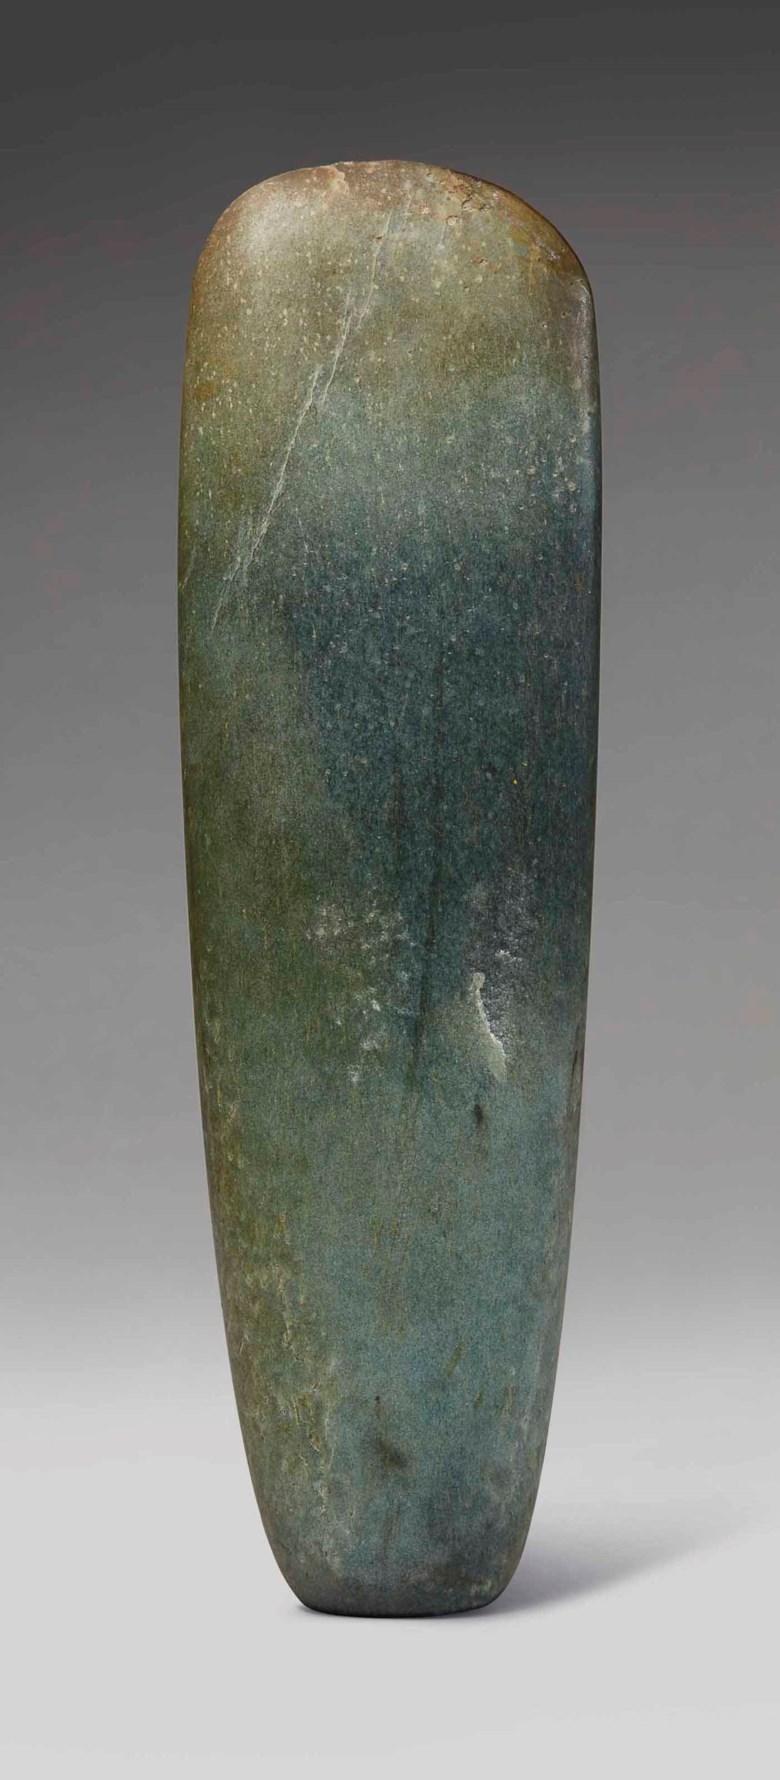 Imposante hache cérémonielle olmèque, Préclassique, env. 900-600 AV. JC. Height 30.3  cm (12  in). Sold for €17,500 on 9 April 2018 at Christie's in Paris